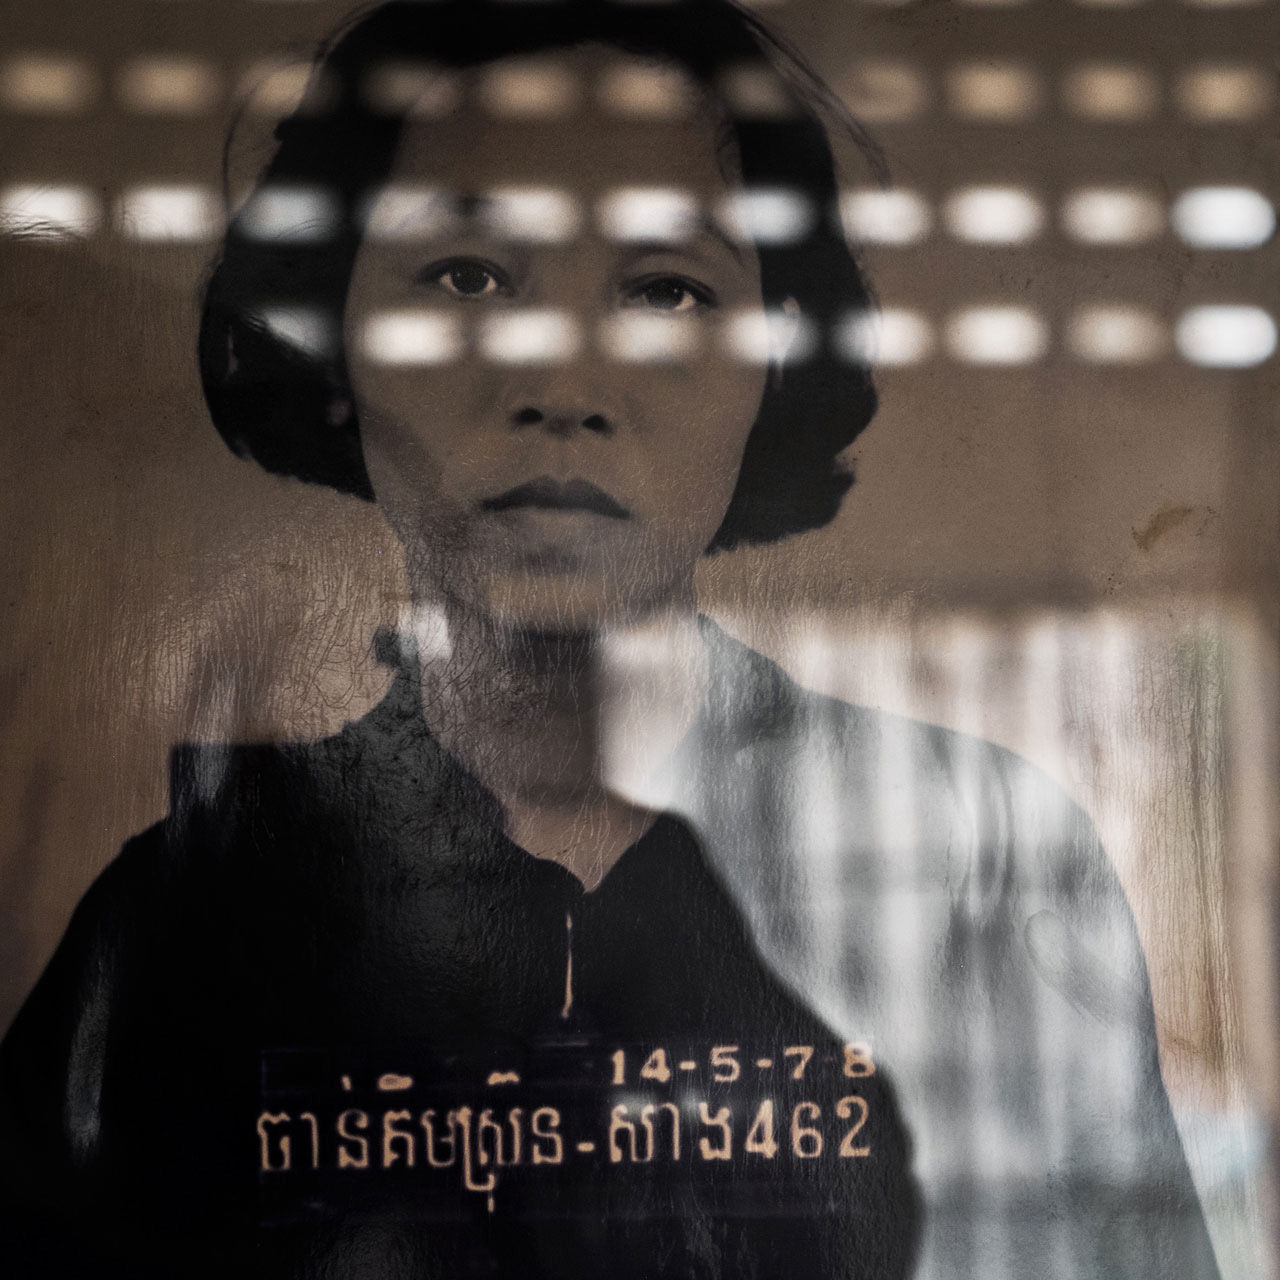 Das Porträt einer Gefangenen, auf einem Stuhl sitzend, der ihren Kopf gerade hielt. Die Frauen wurden manchmal von den Befragten vergewaltigt, obwohl sexueller Missbrauch gegen die Ideologie der Demokratischen Kampuchea (DK) Politik war.